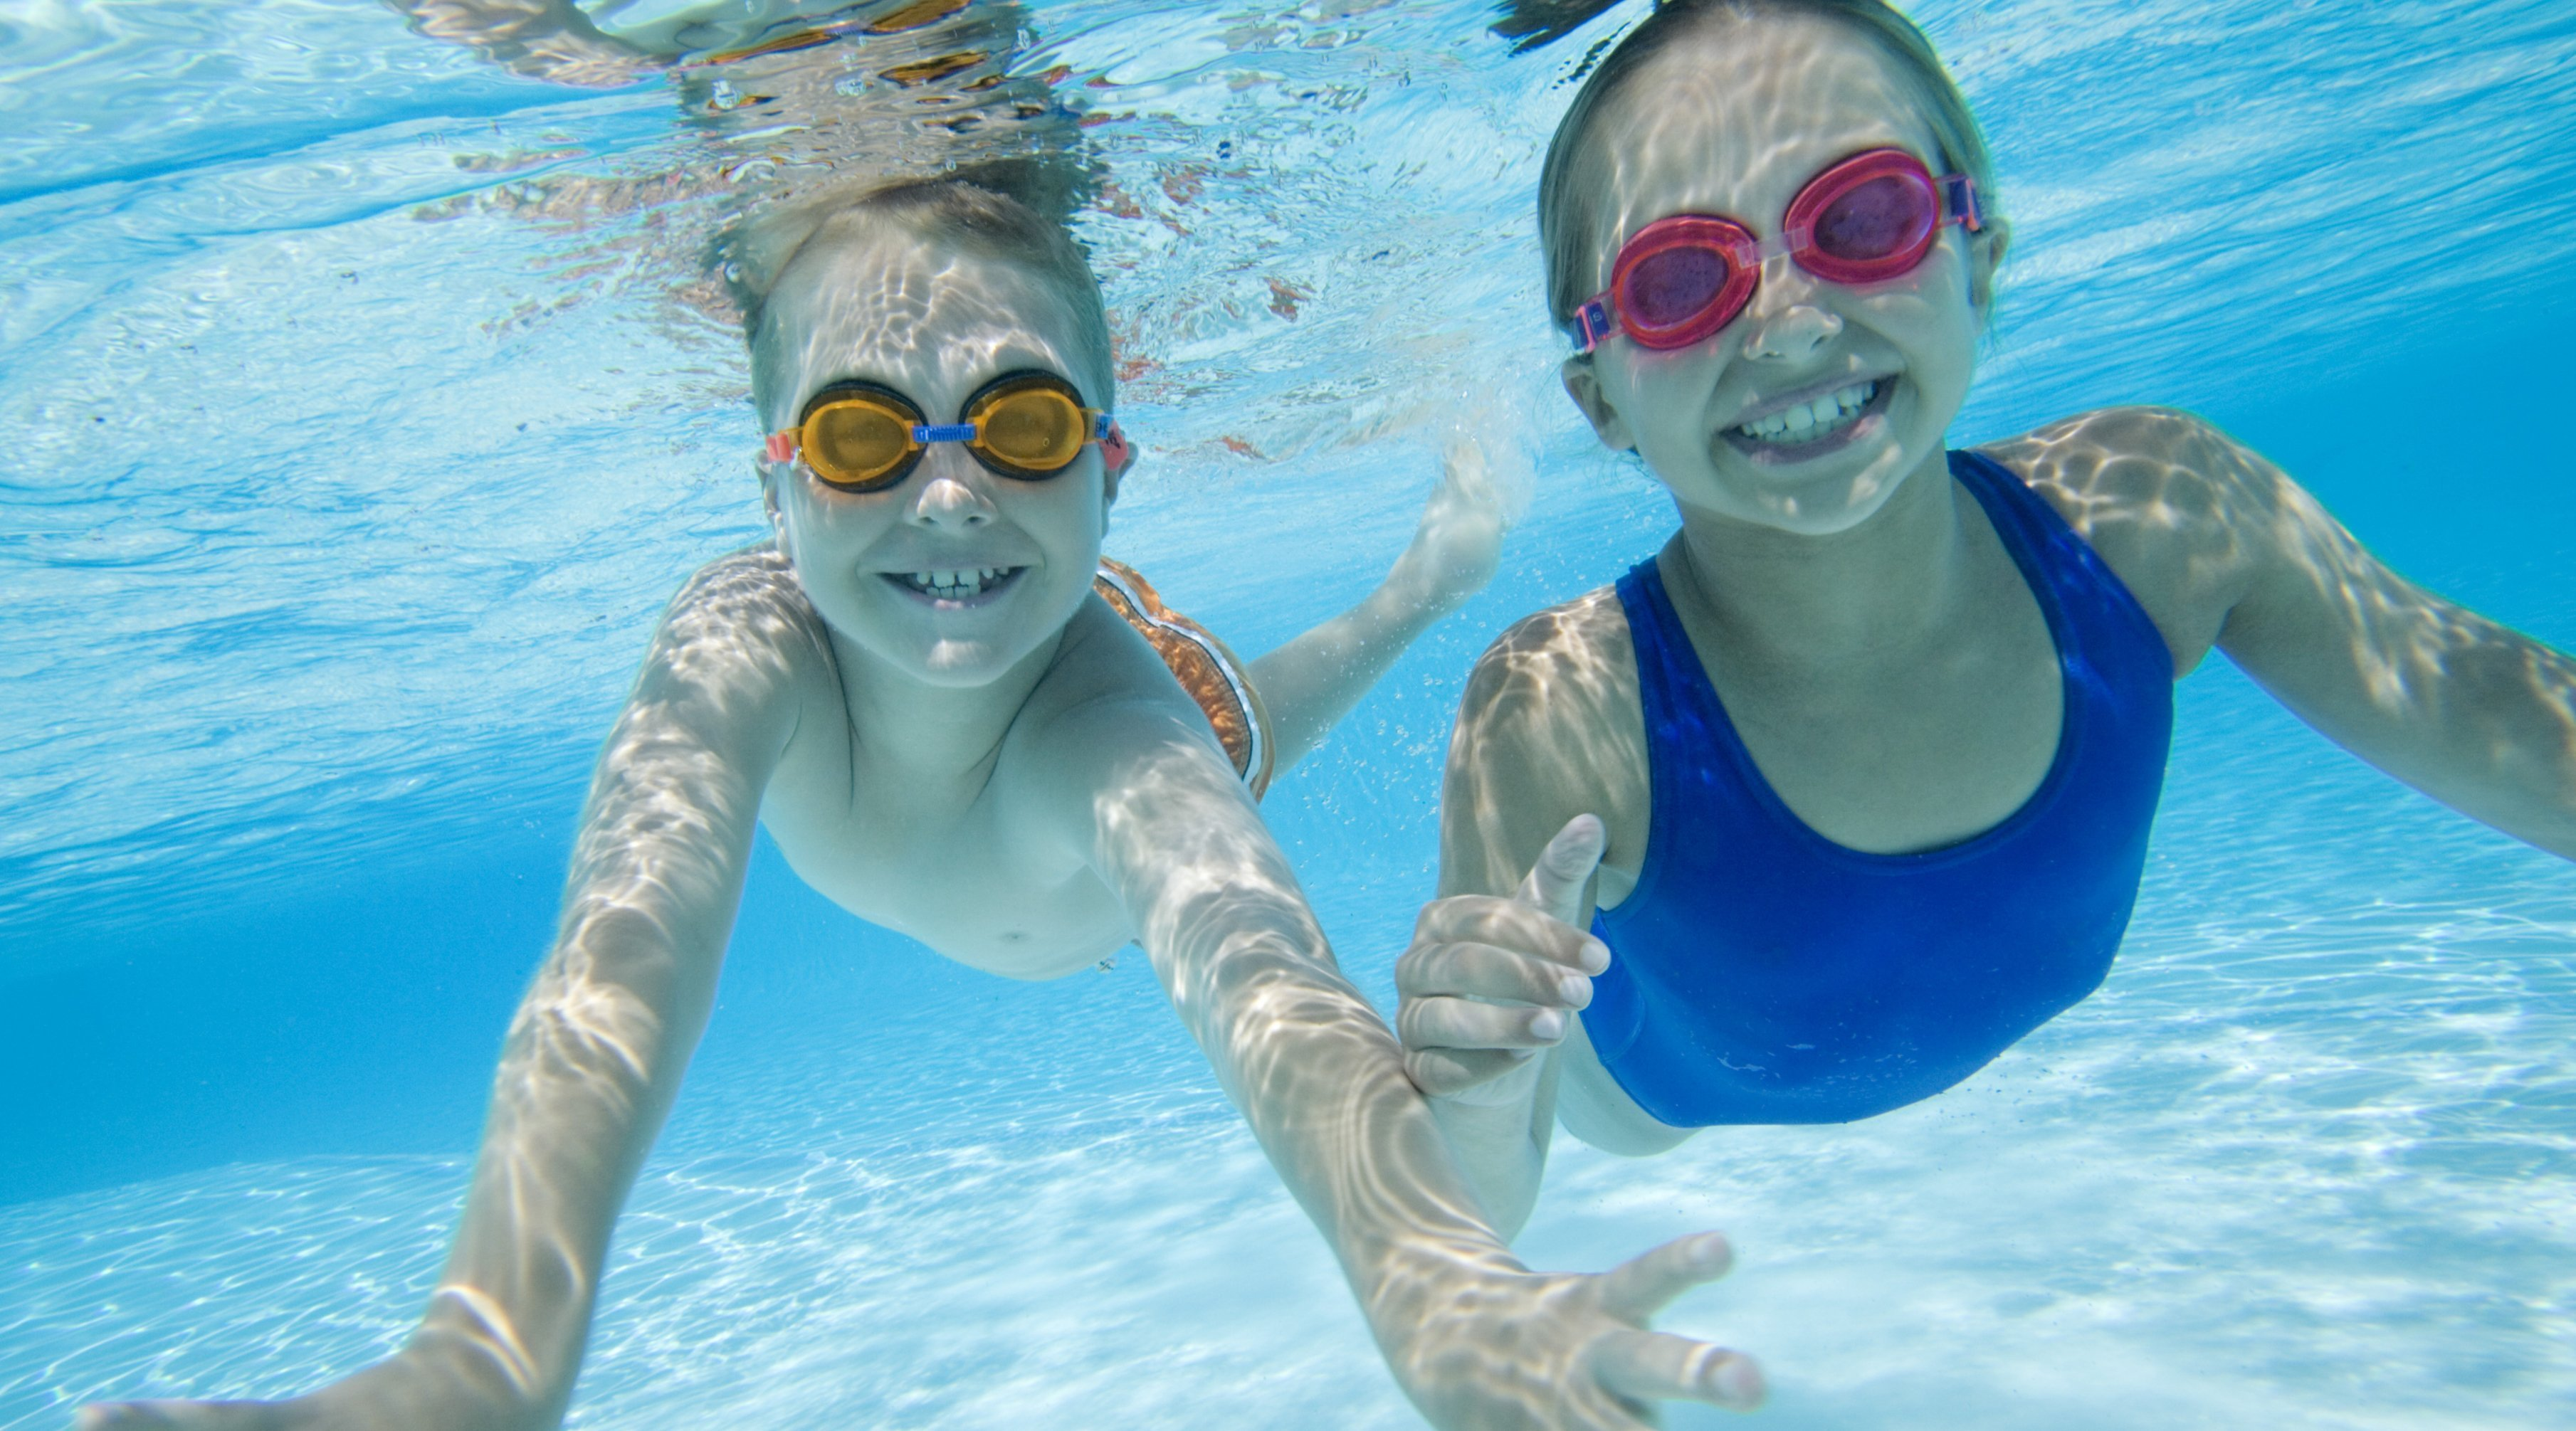 Molestias de los o dos en piscina for Piscinas bebes